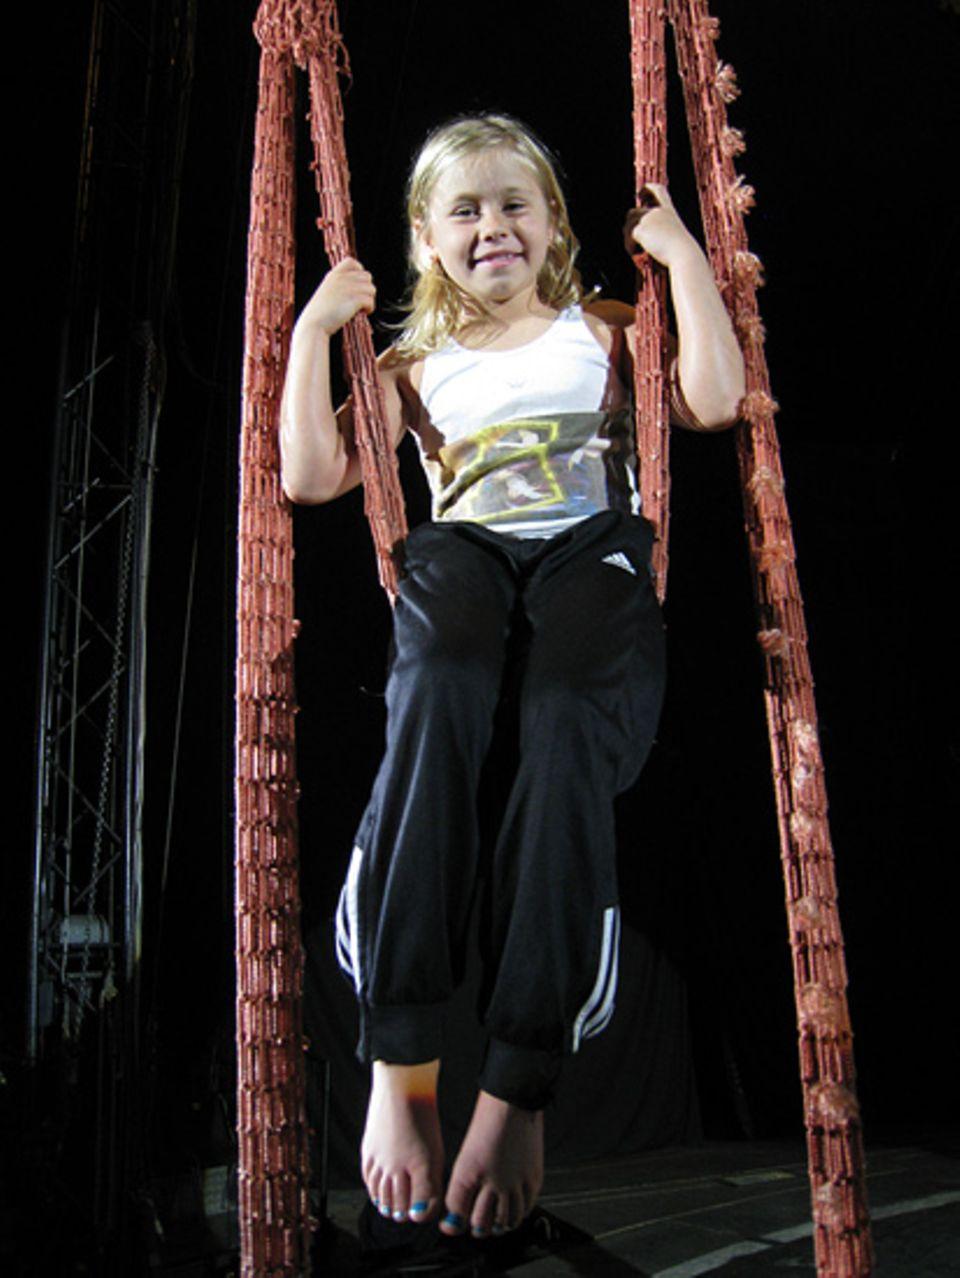 Nach der Schule turnt die achtjährige Vita am liebsten an den Bändern. Angst hat sie dabei trotz der schwindelerregenden Höhe nie